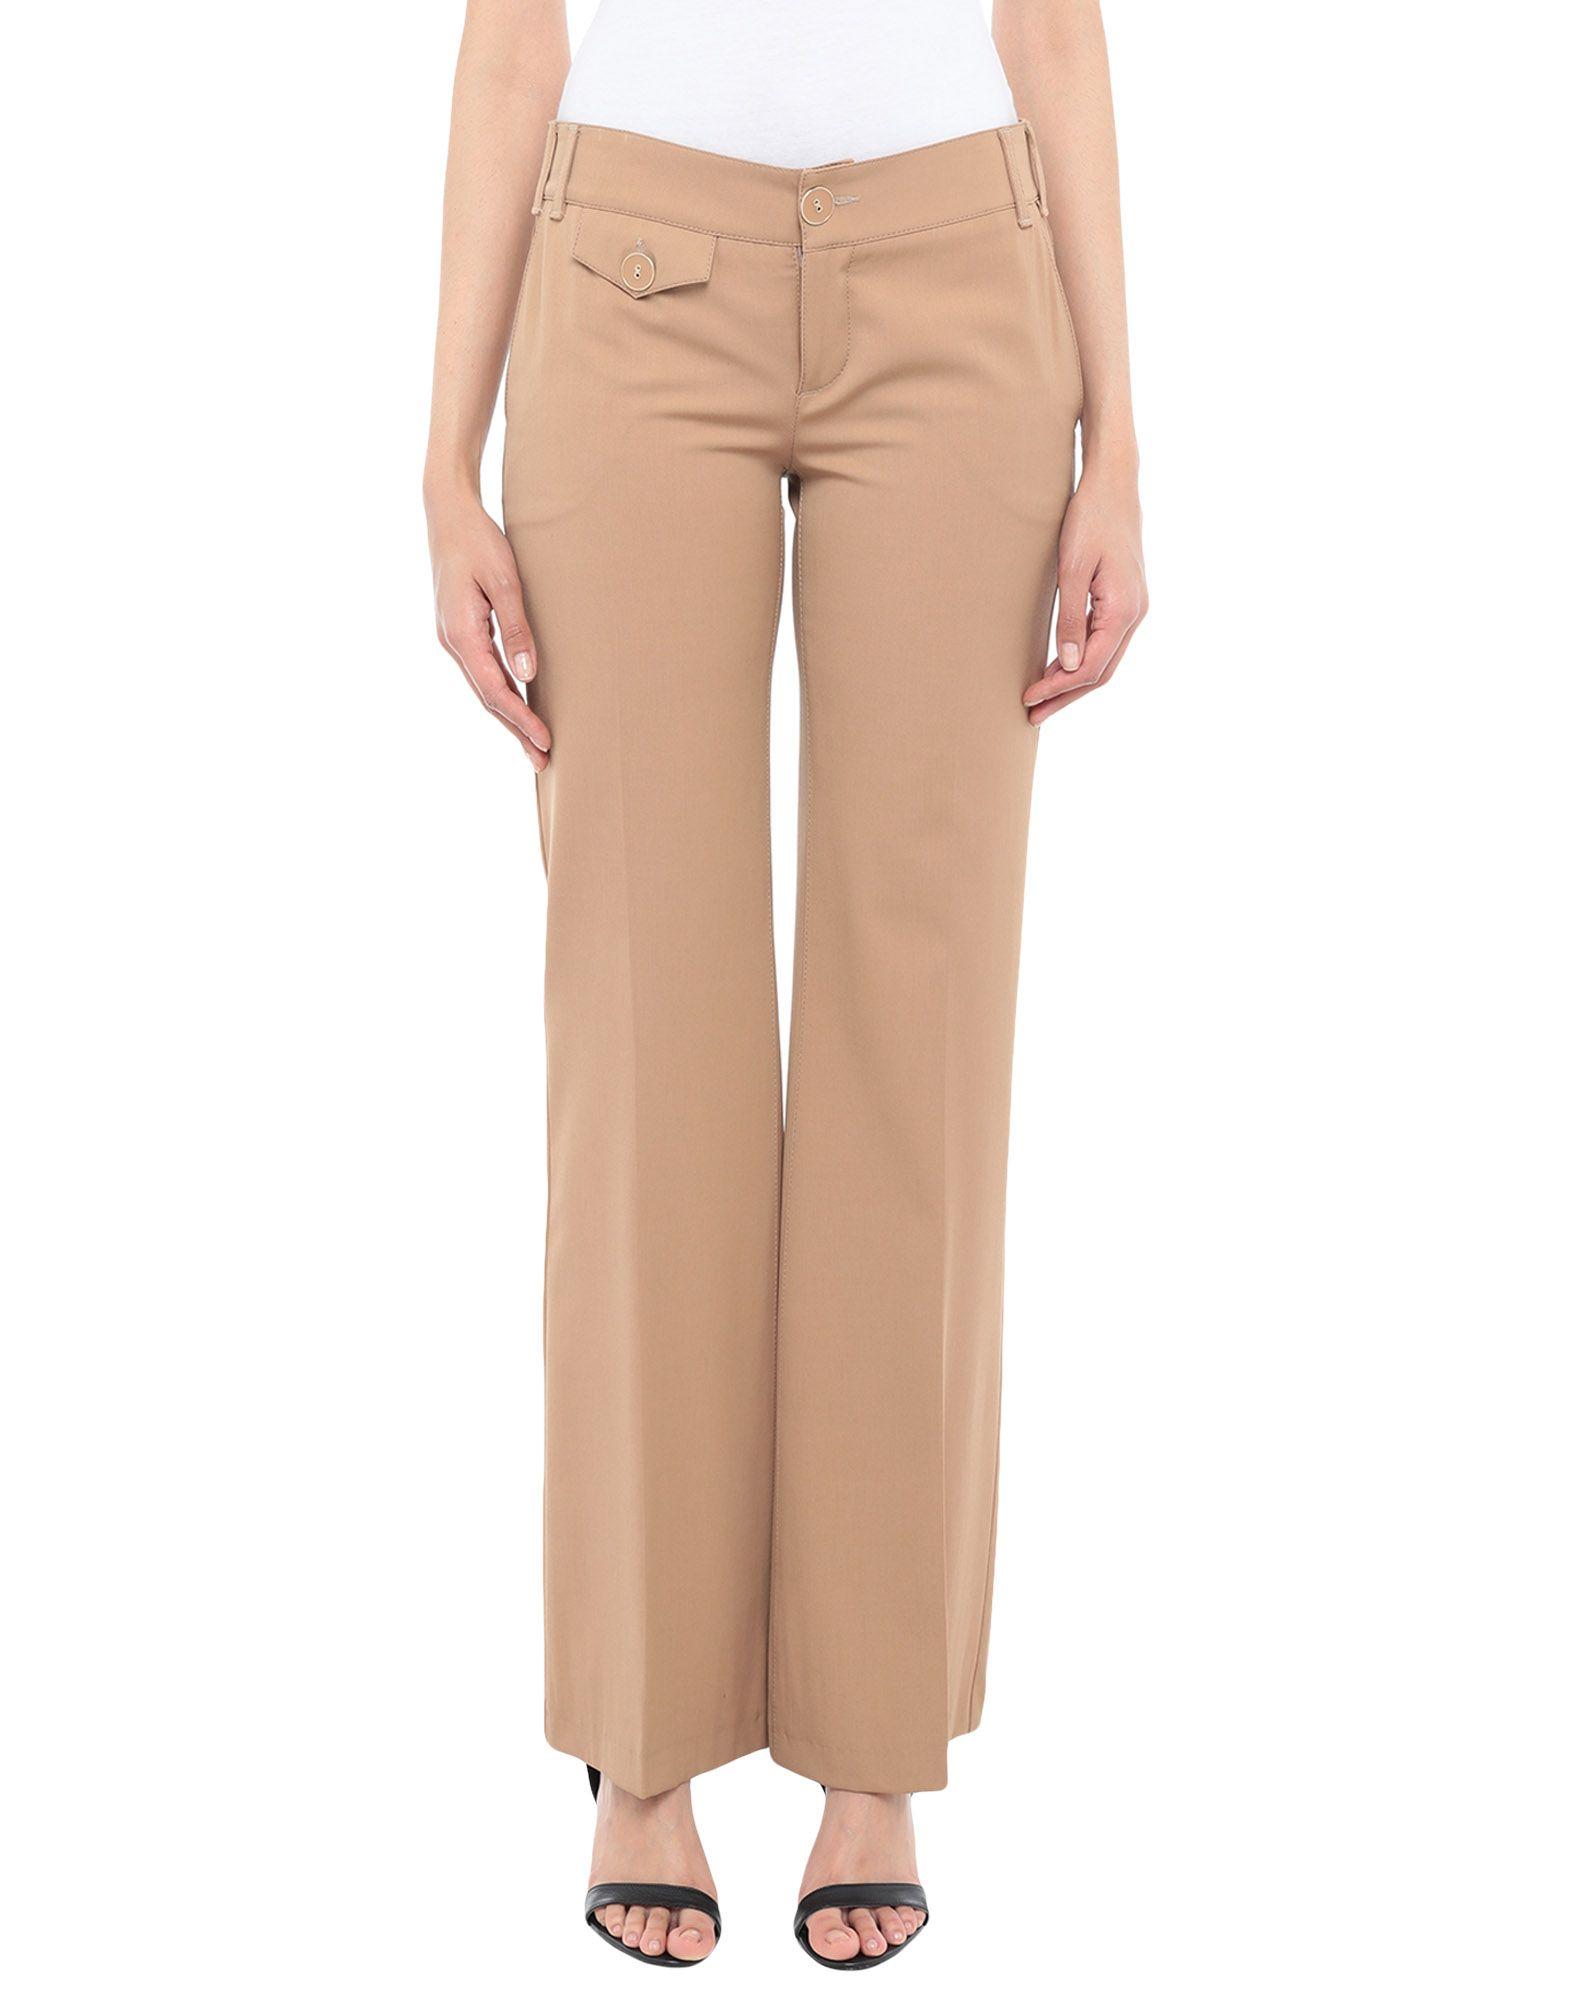 SHI 4 Повседневные брюки